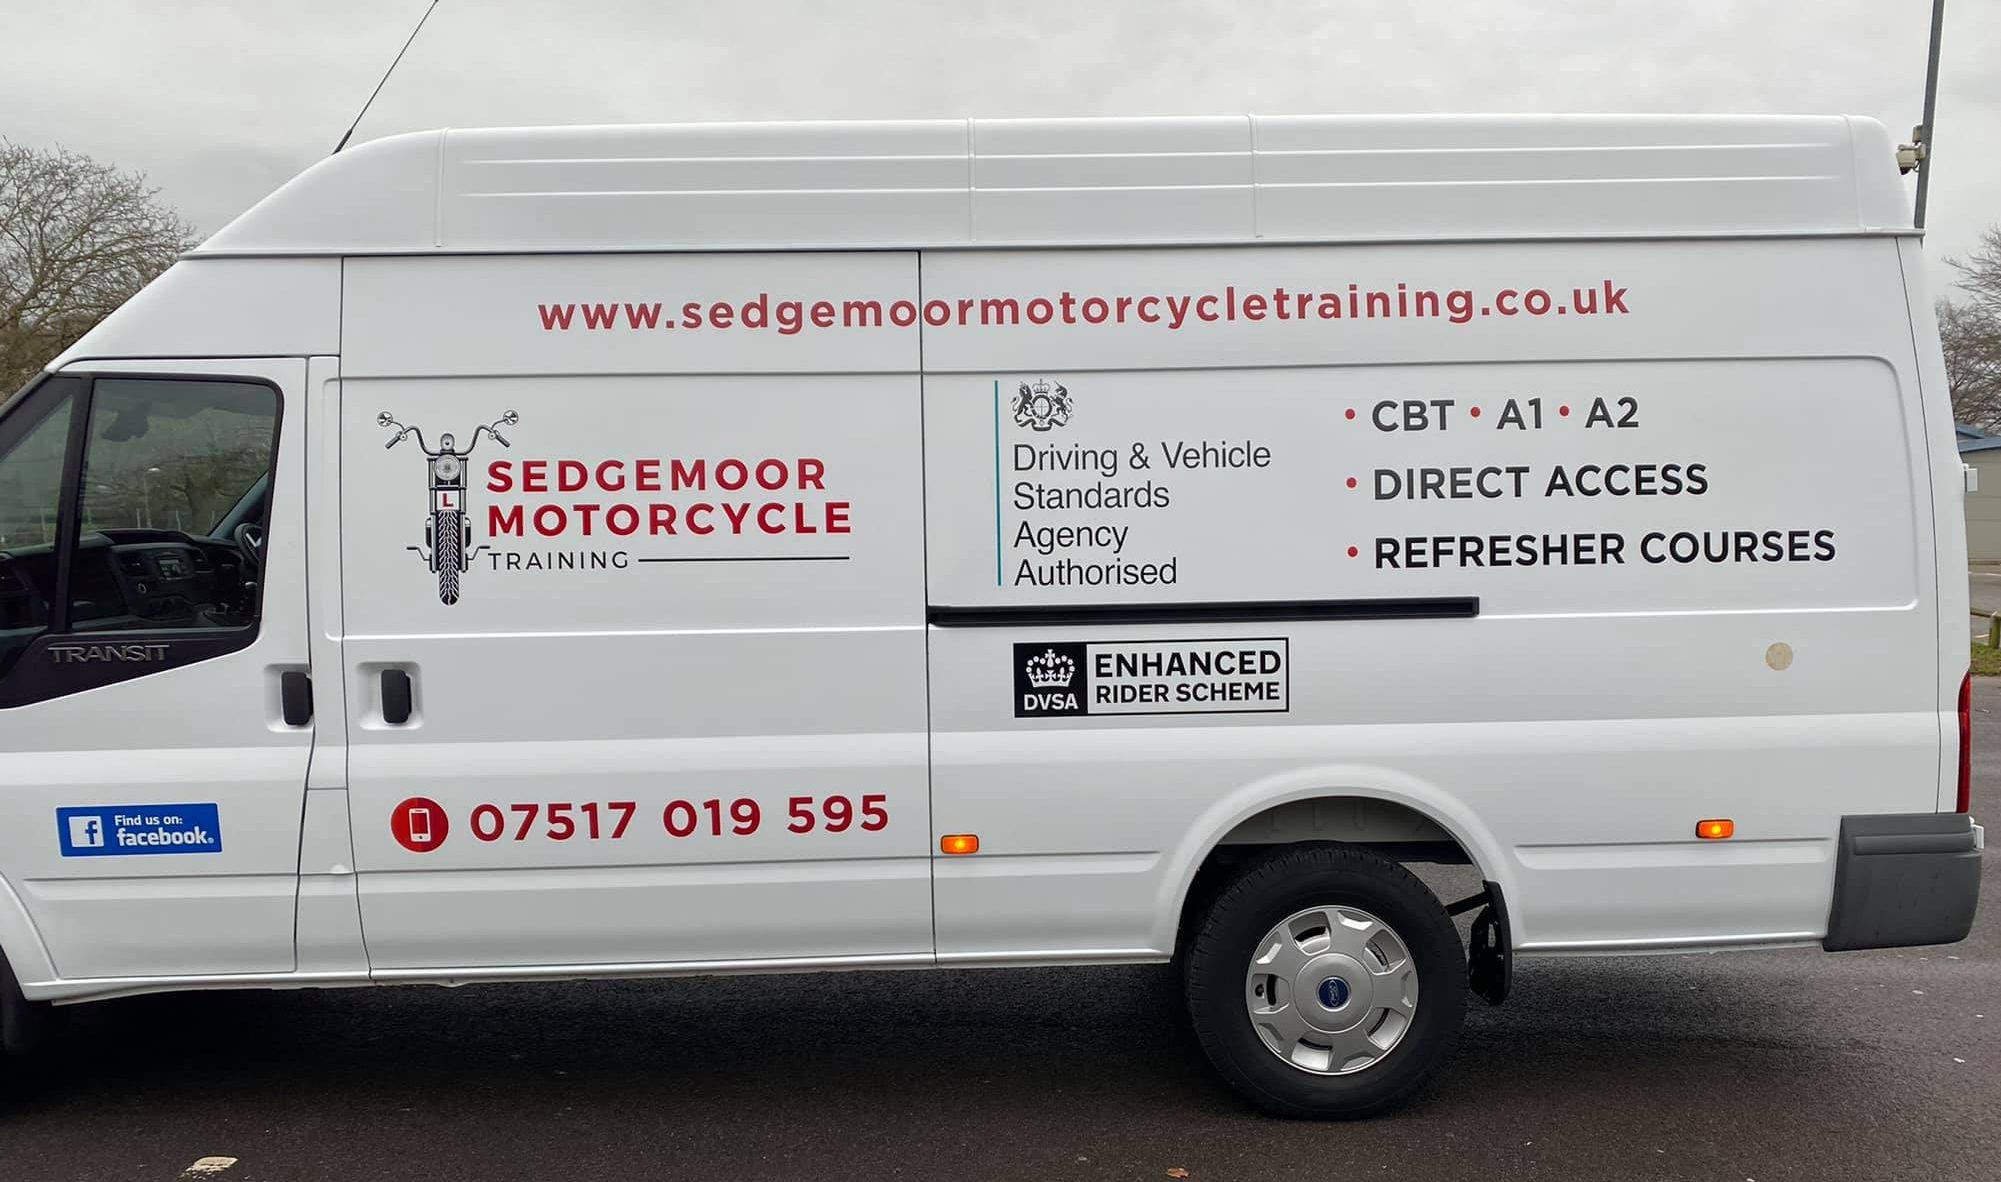 New Van for Sedgemoor Motorcycle Training